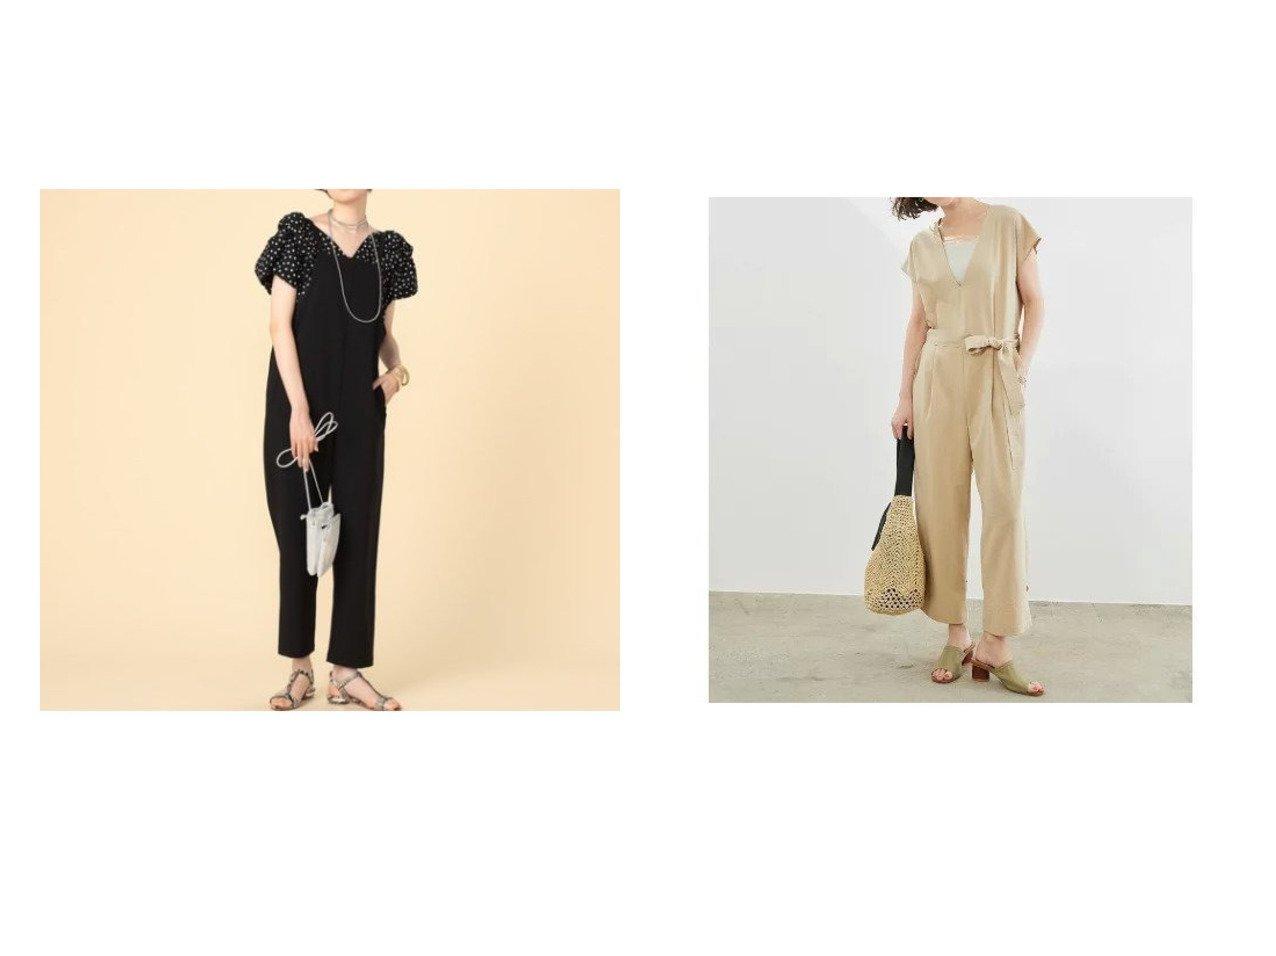 【ROPE' PICNIC/ロペピクニック】の裾絞りジャンプスーツ&【NOLLEY'S/ノーリーズ】のテーパードサロペット 【ワンピース・ドレス】おすすめ!人気、トレンド・レディースファッションの通販 おすすめで人気の流行・トレンド、ファッションの通販商品 インテリア・家具・メンズファッション・キッズファッション・レディースファッション・服の通販 founy(ファニー) https://founy.com/ ファッション Fashion レディースファッション WOMEN ワンピース Dress オールインワン ワンピース All In One Dress サロペット Salopette おすすめ Recommend サロペット ポケット ラップ リボン なめらか シンプル ストレート スーツ フェイク 夏 Summer |ID:crp329100000047621